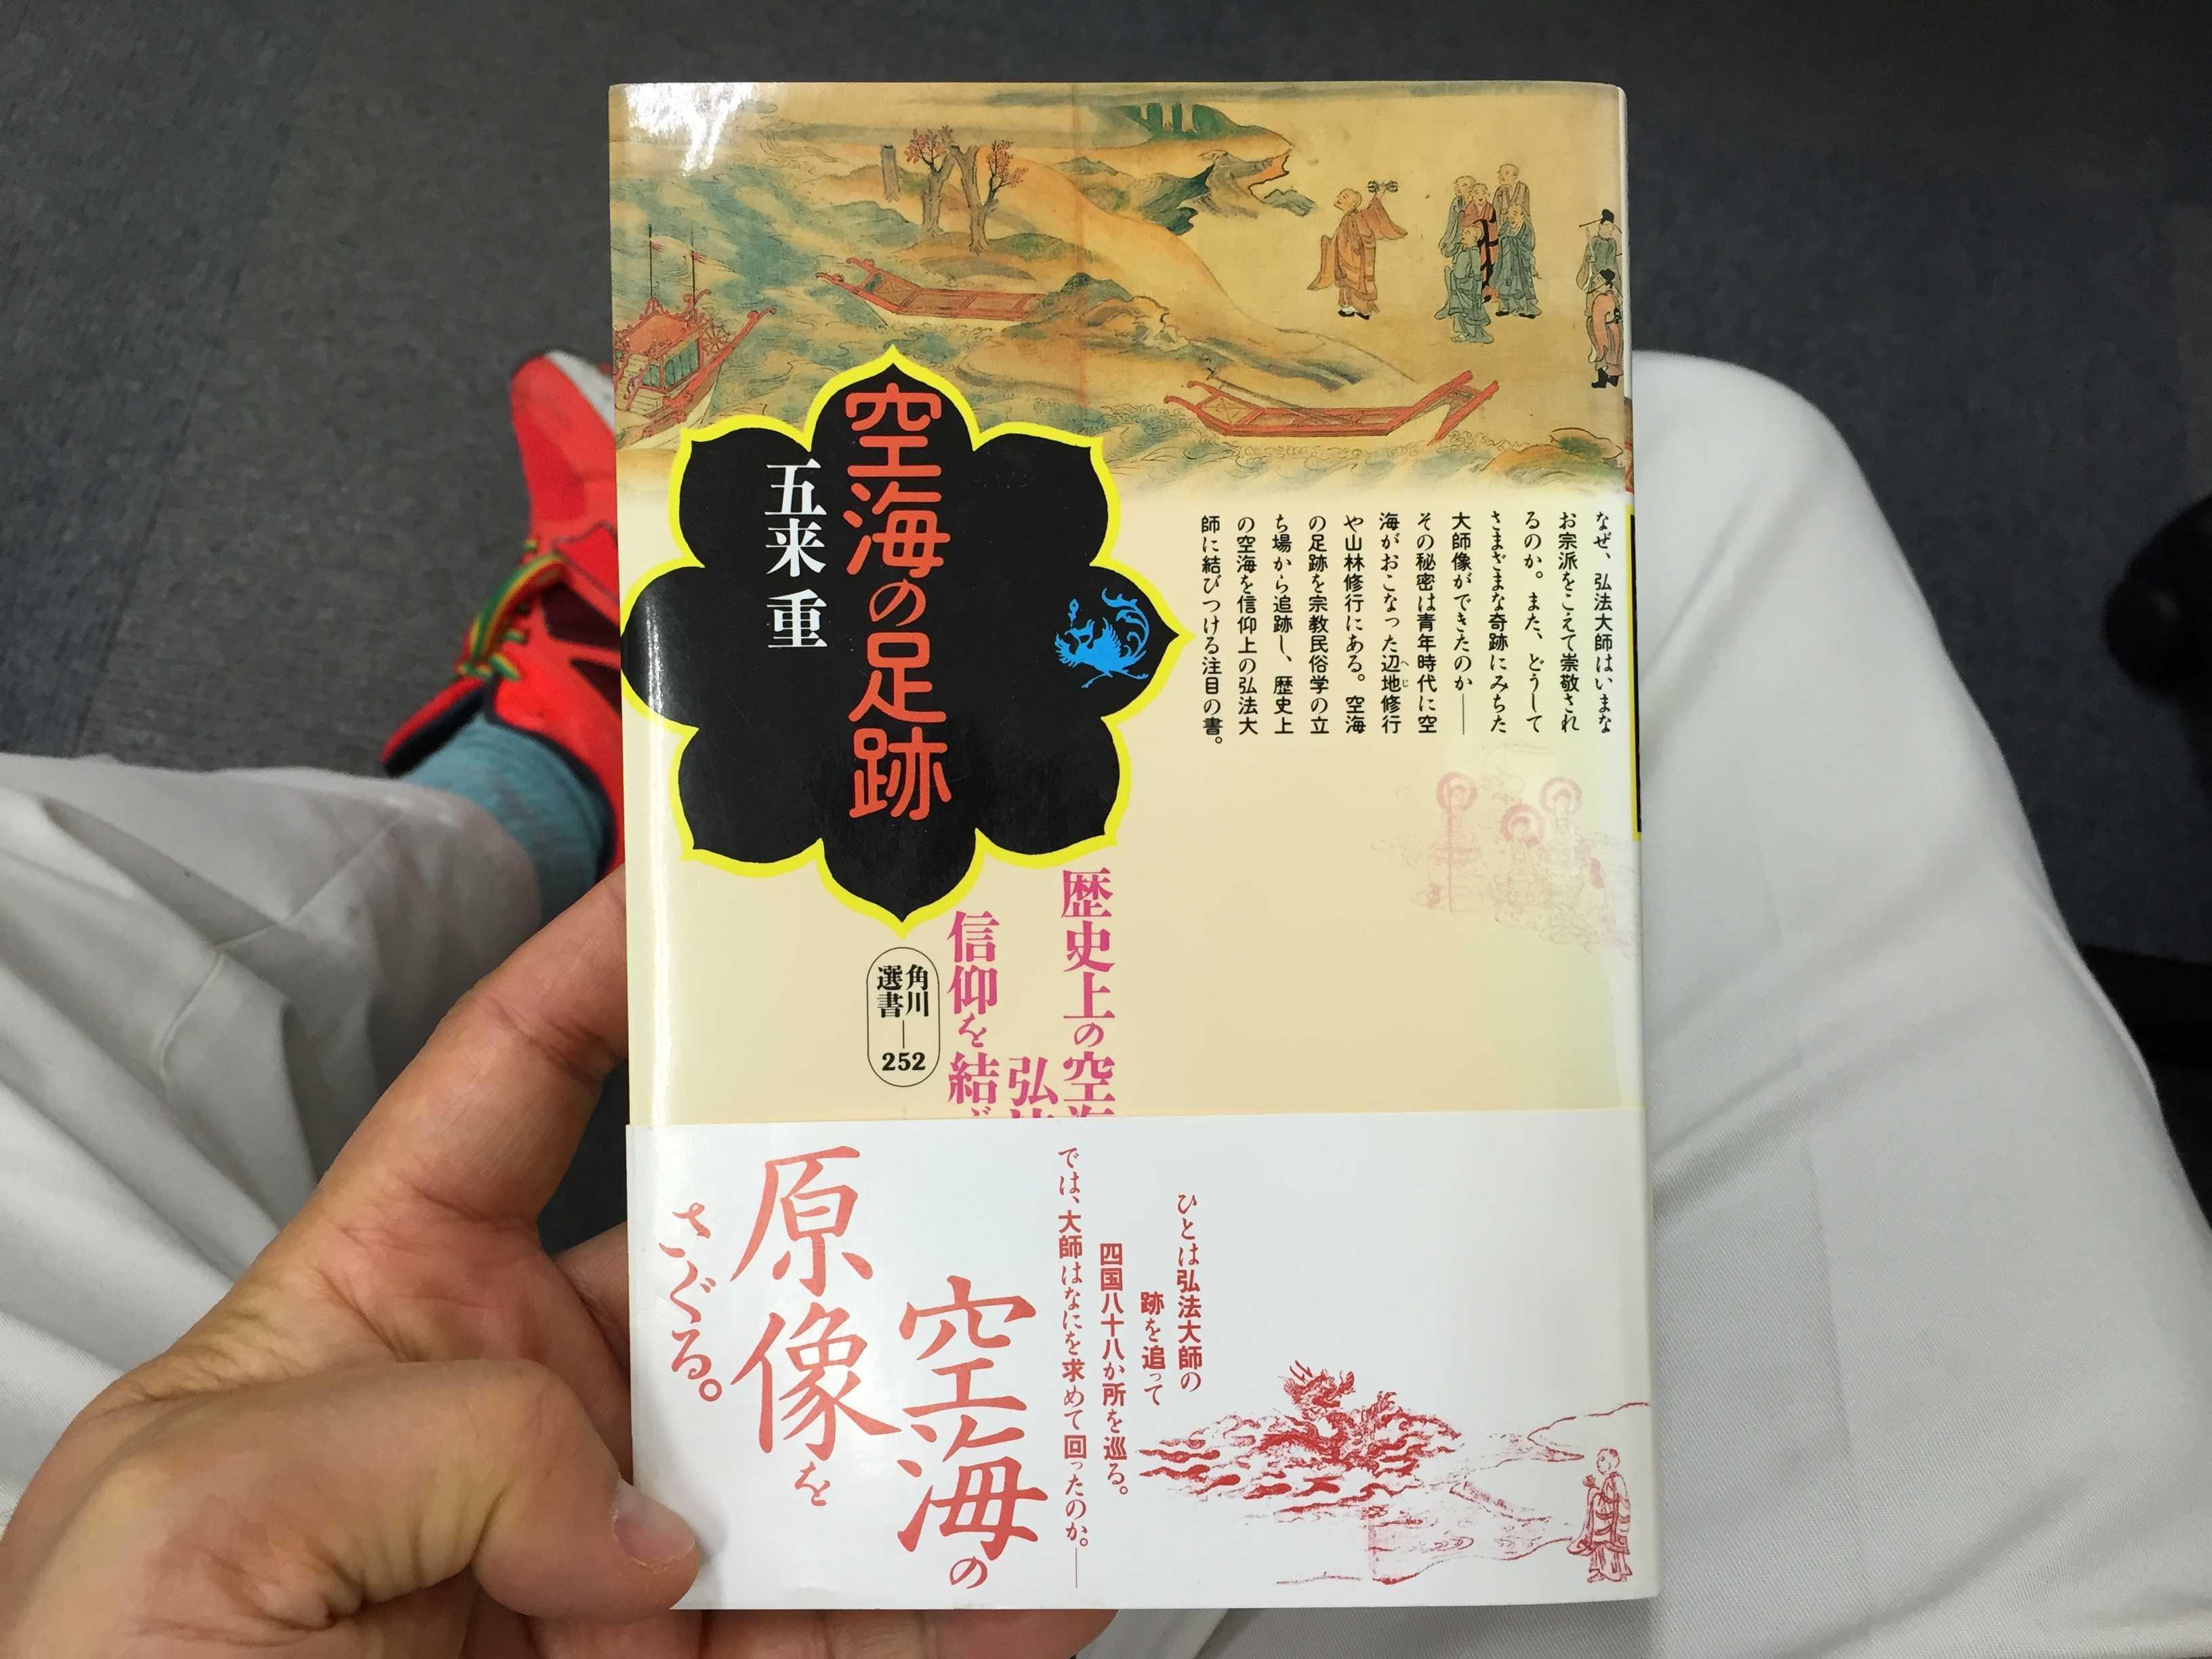 空海の足跡 - 歴史上の空海を信仰上の弘法大師に結びつける注目の書